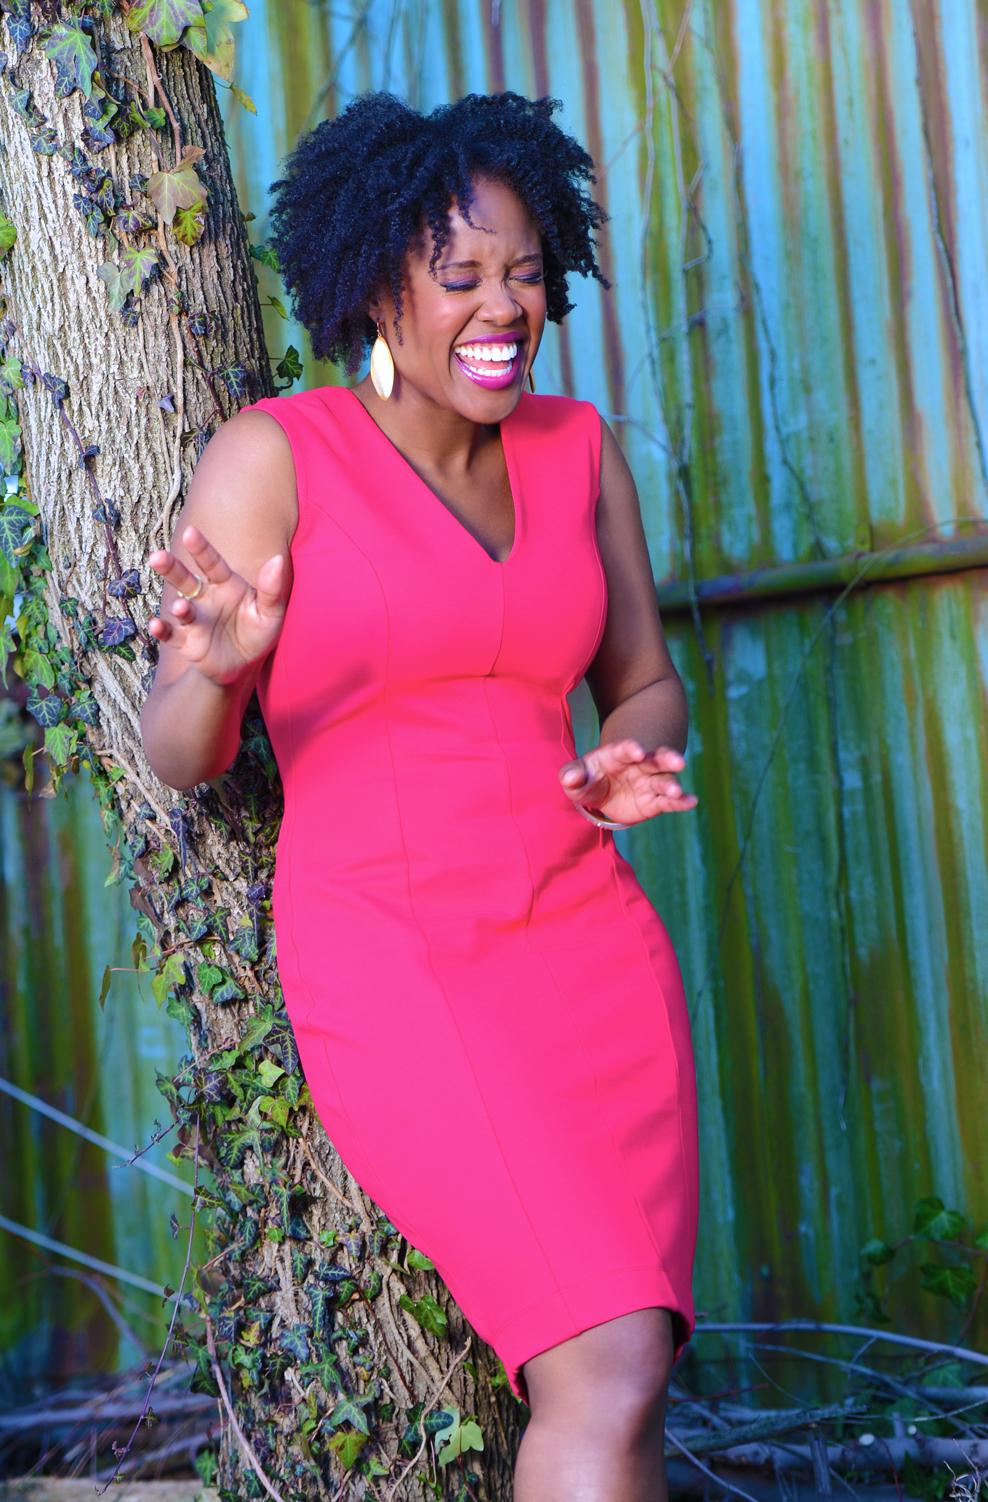 Akilah-Green-Comedy-Writer-Pink_dress-laughing.jpg